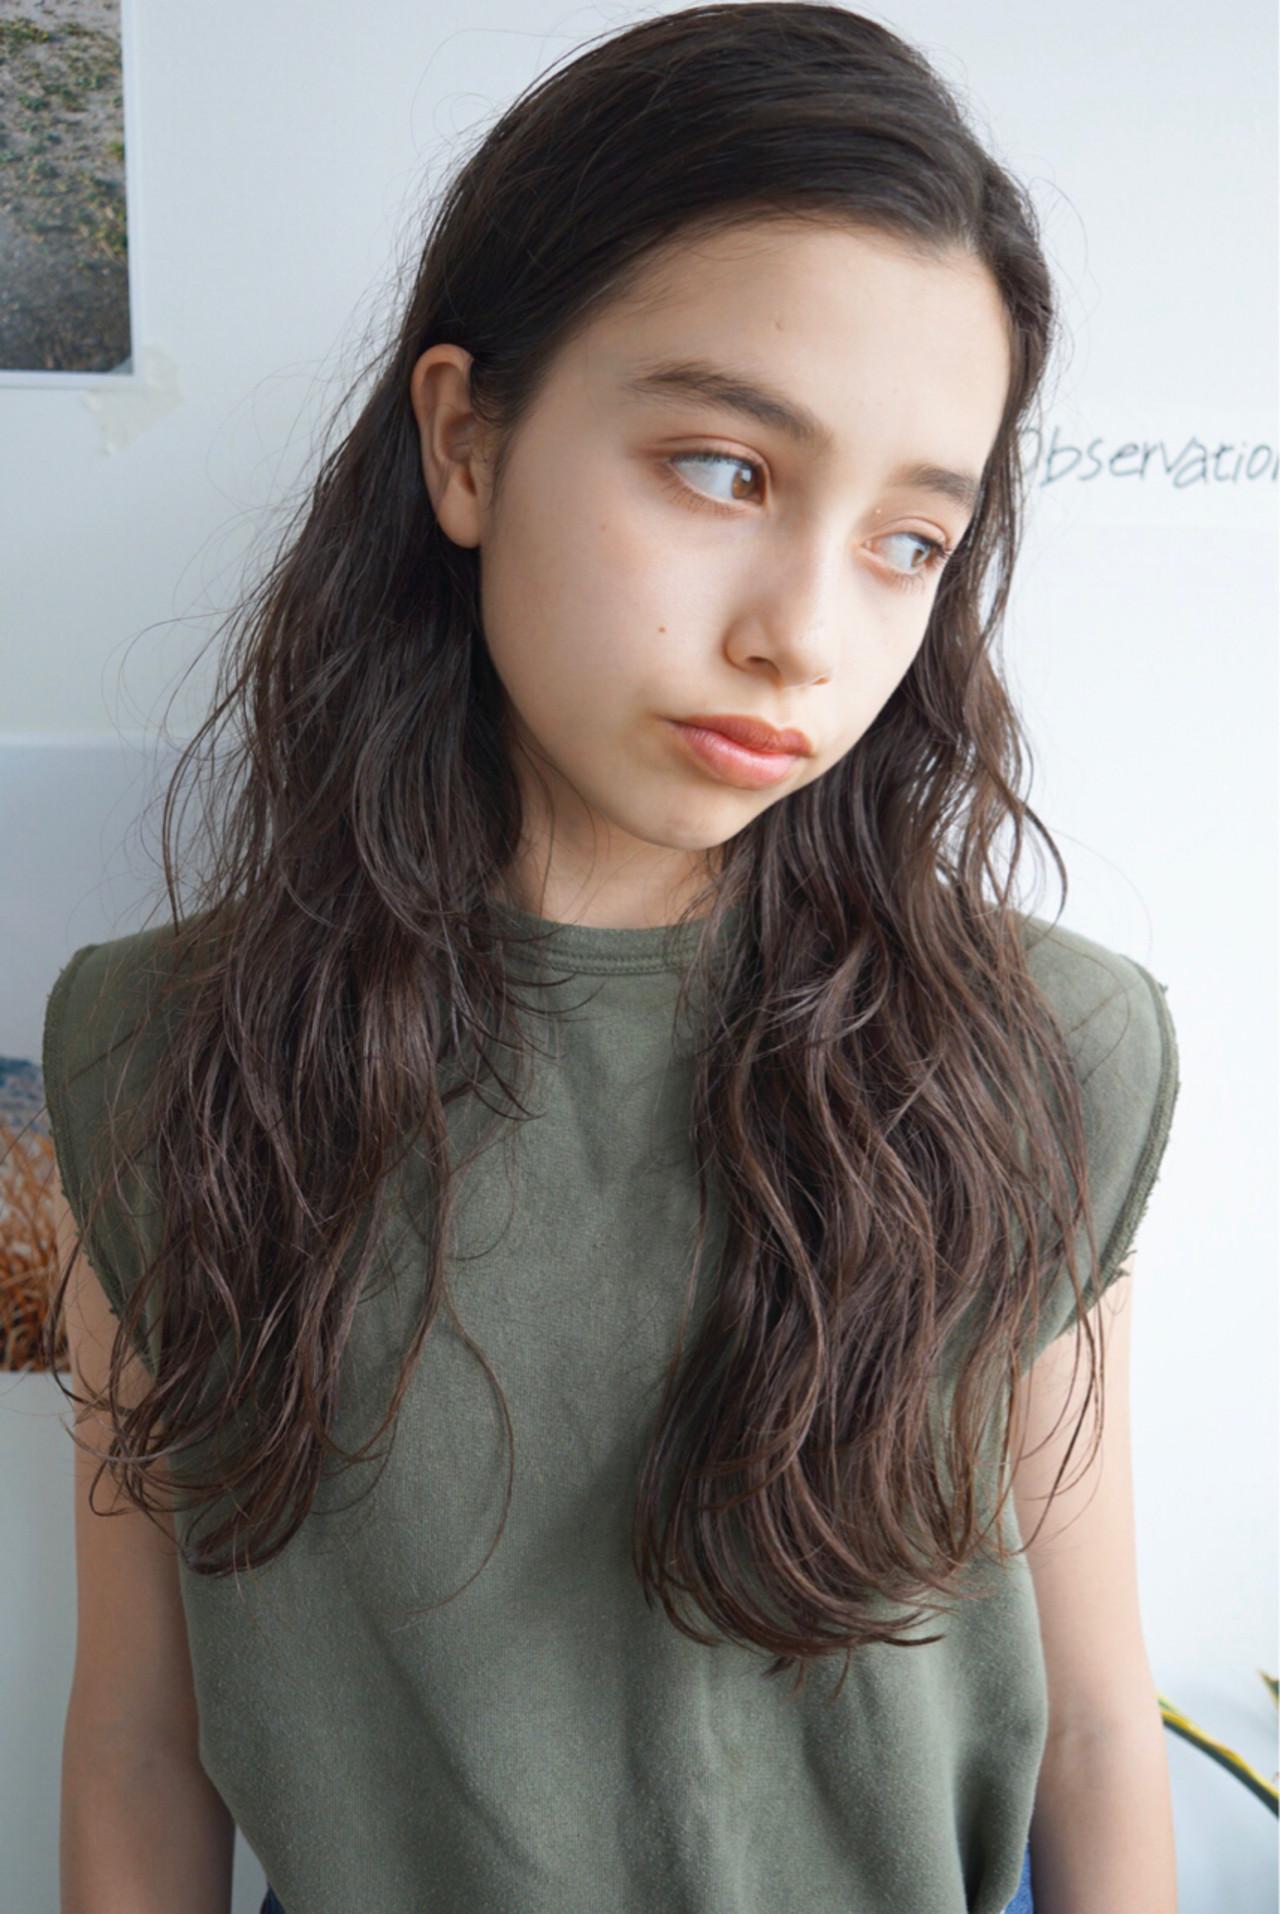 ロング 外国人風 センターパート パーマ ヘアスタイルや髪型の写真・画像 | UEKI/nanuk / nanuk二子玉川